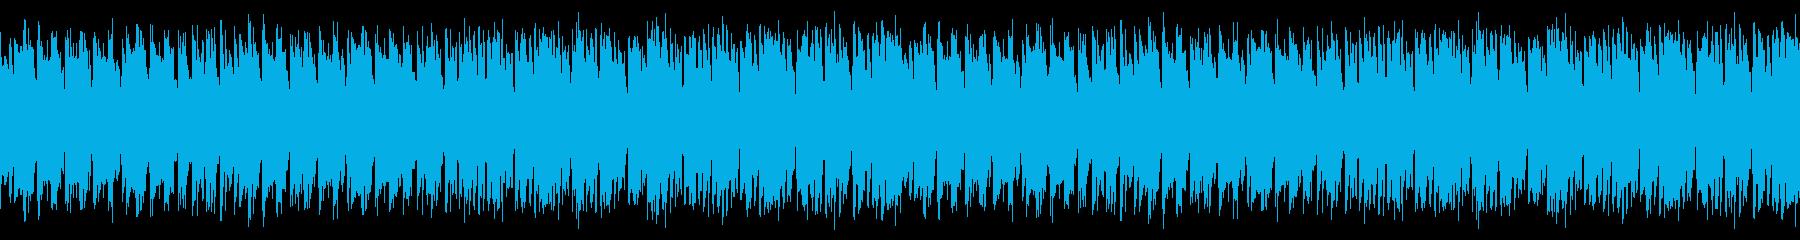 労働者の集まる酒場の音(かけ声あり)の再生済みの波形